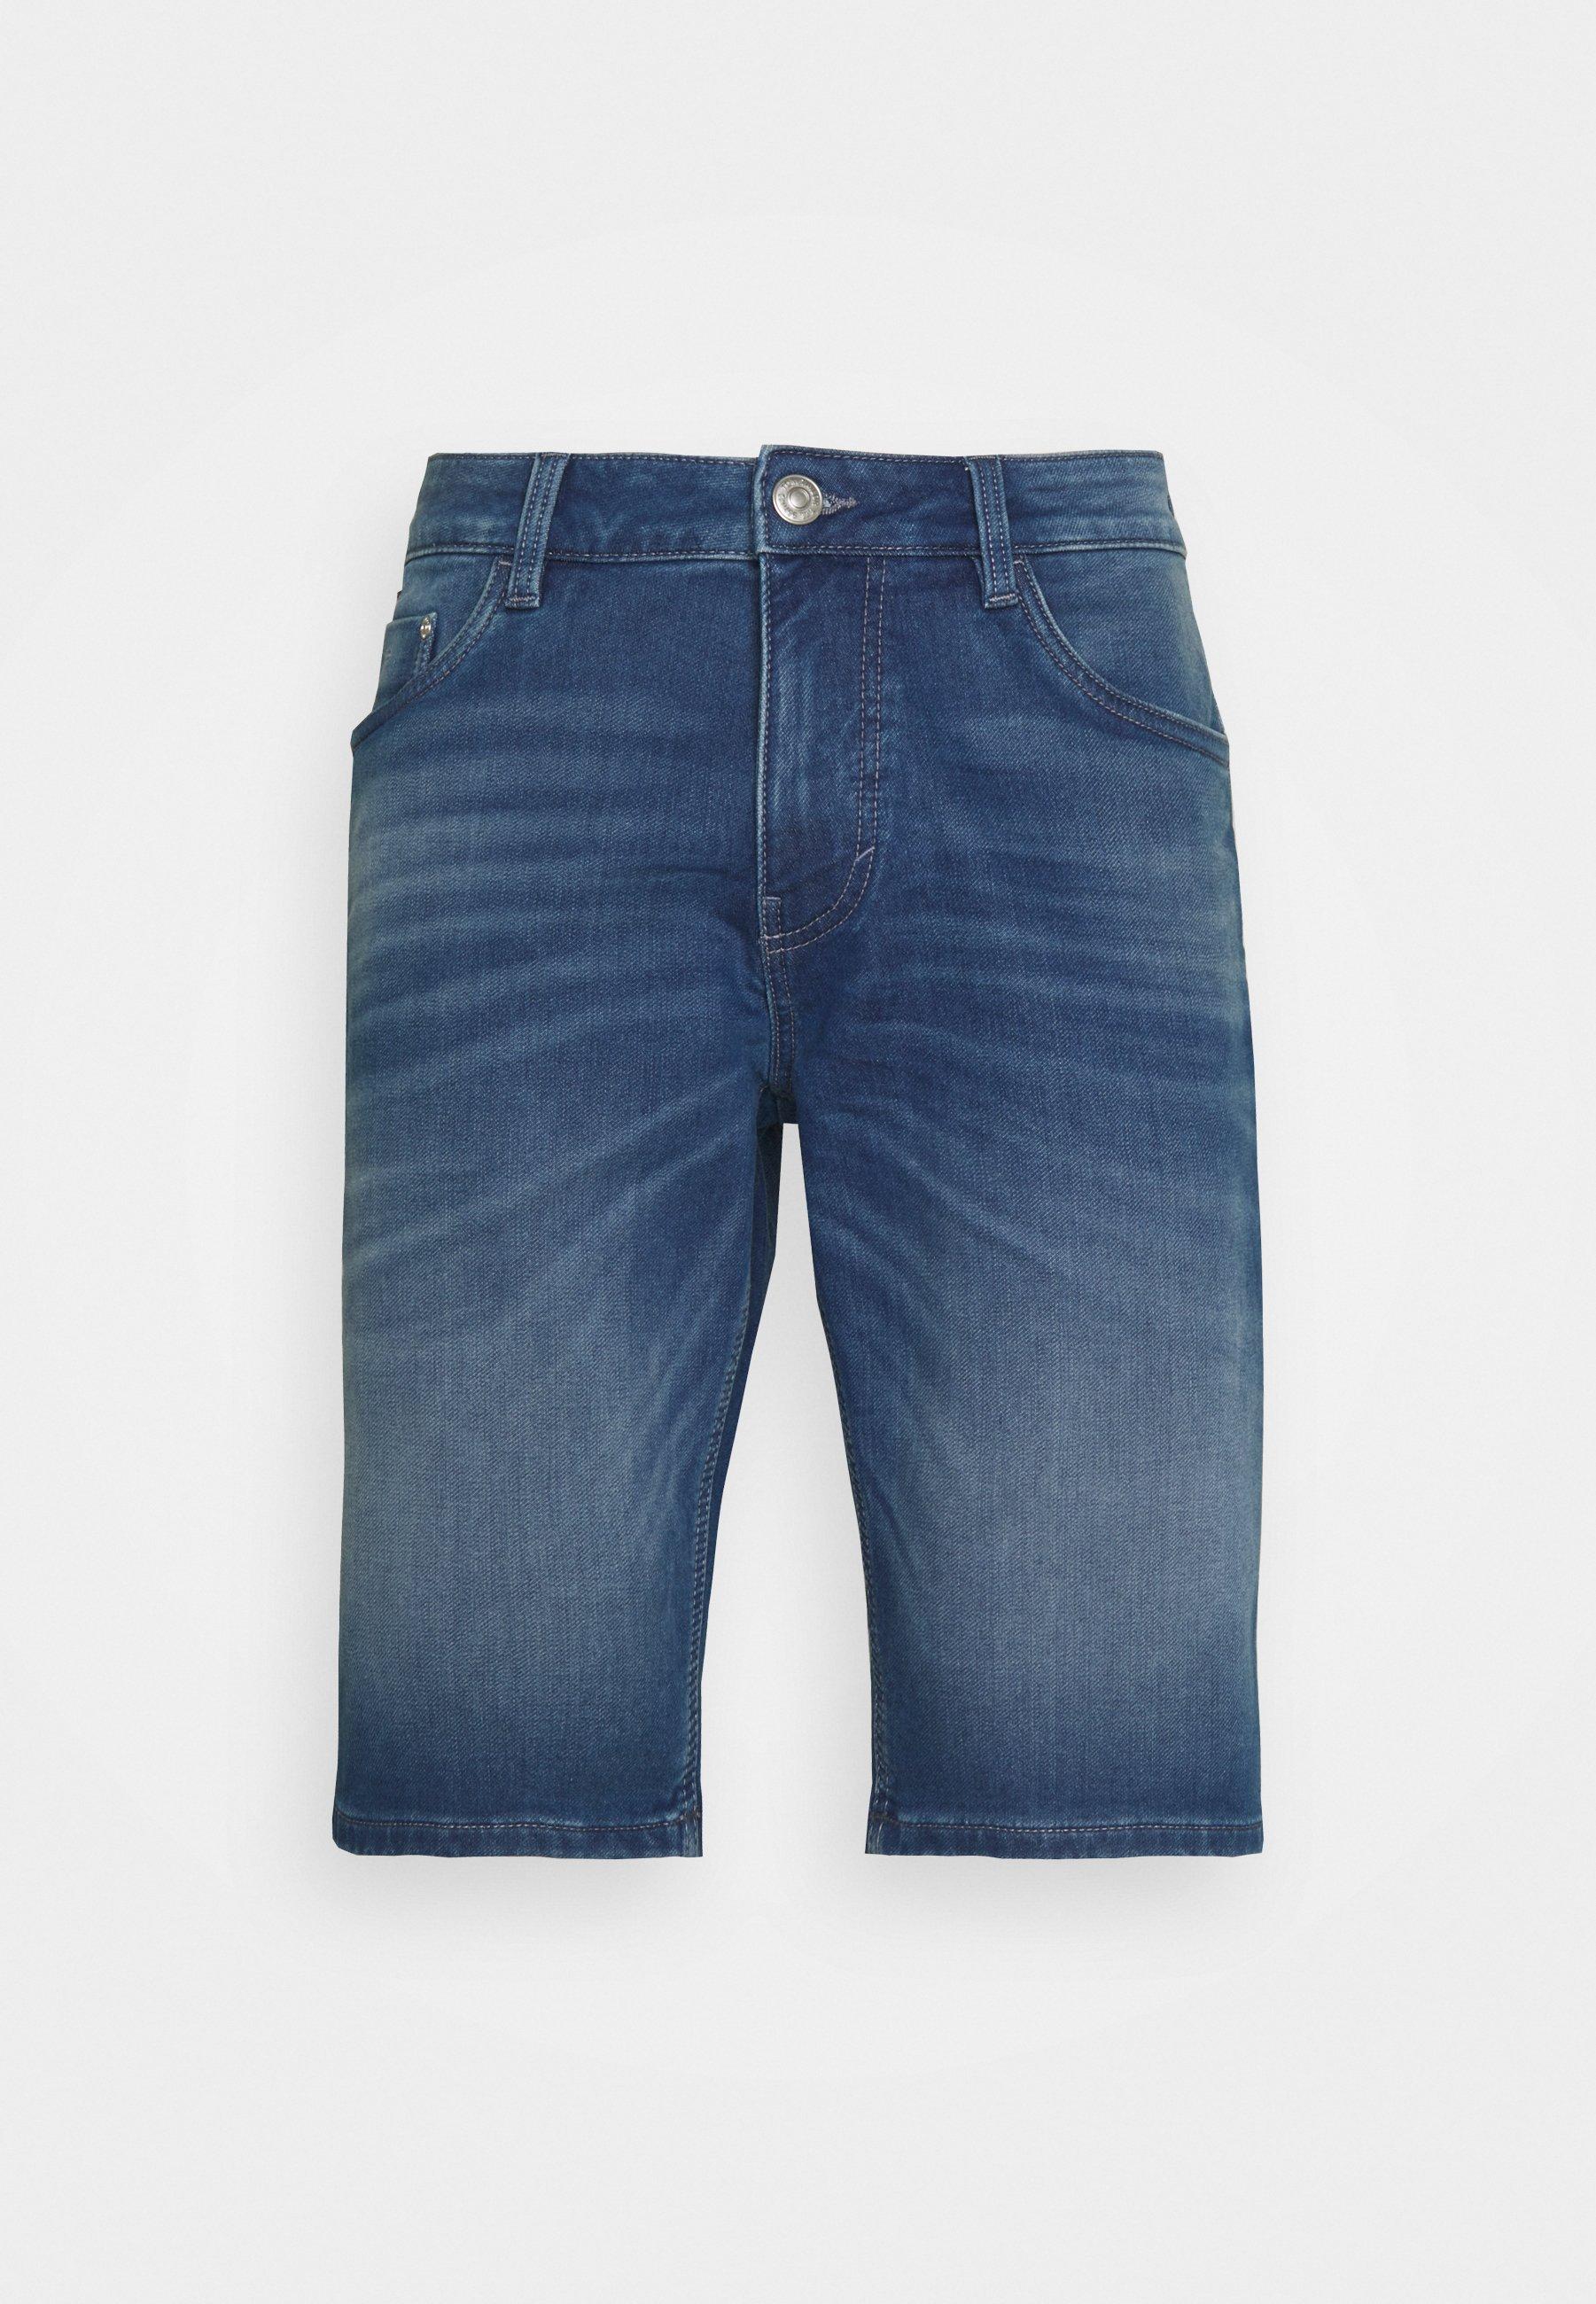 Homme JOSH - Short en jean